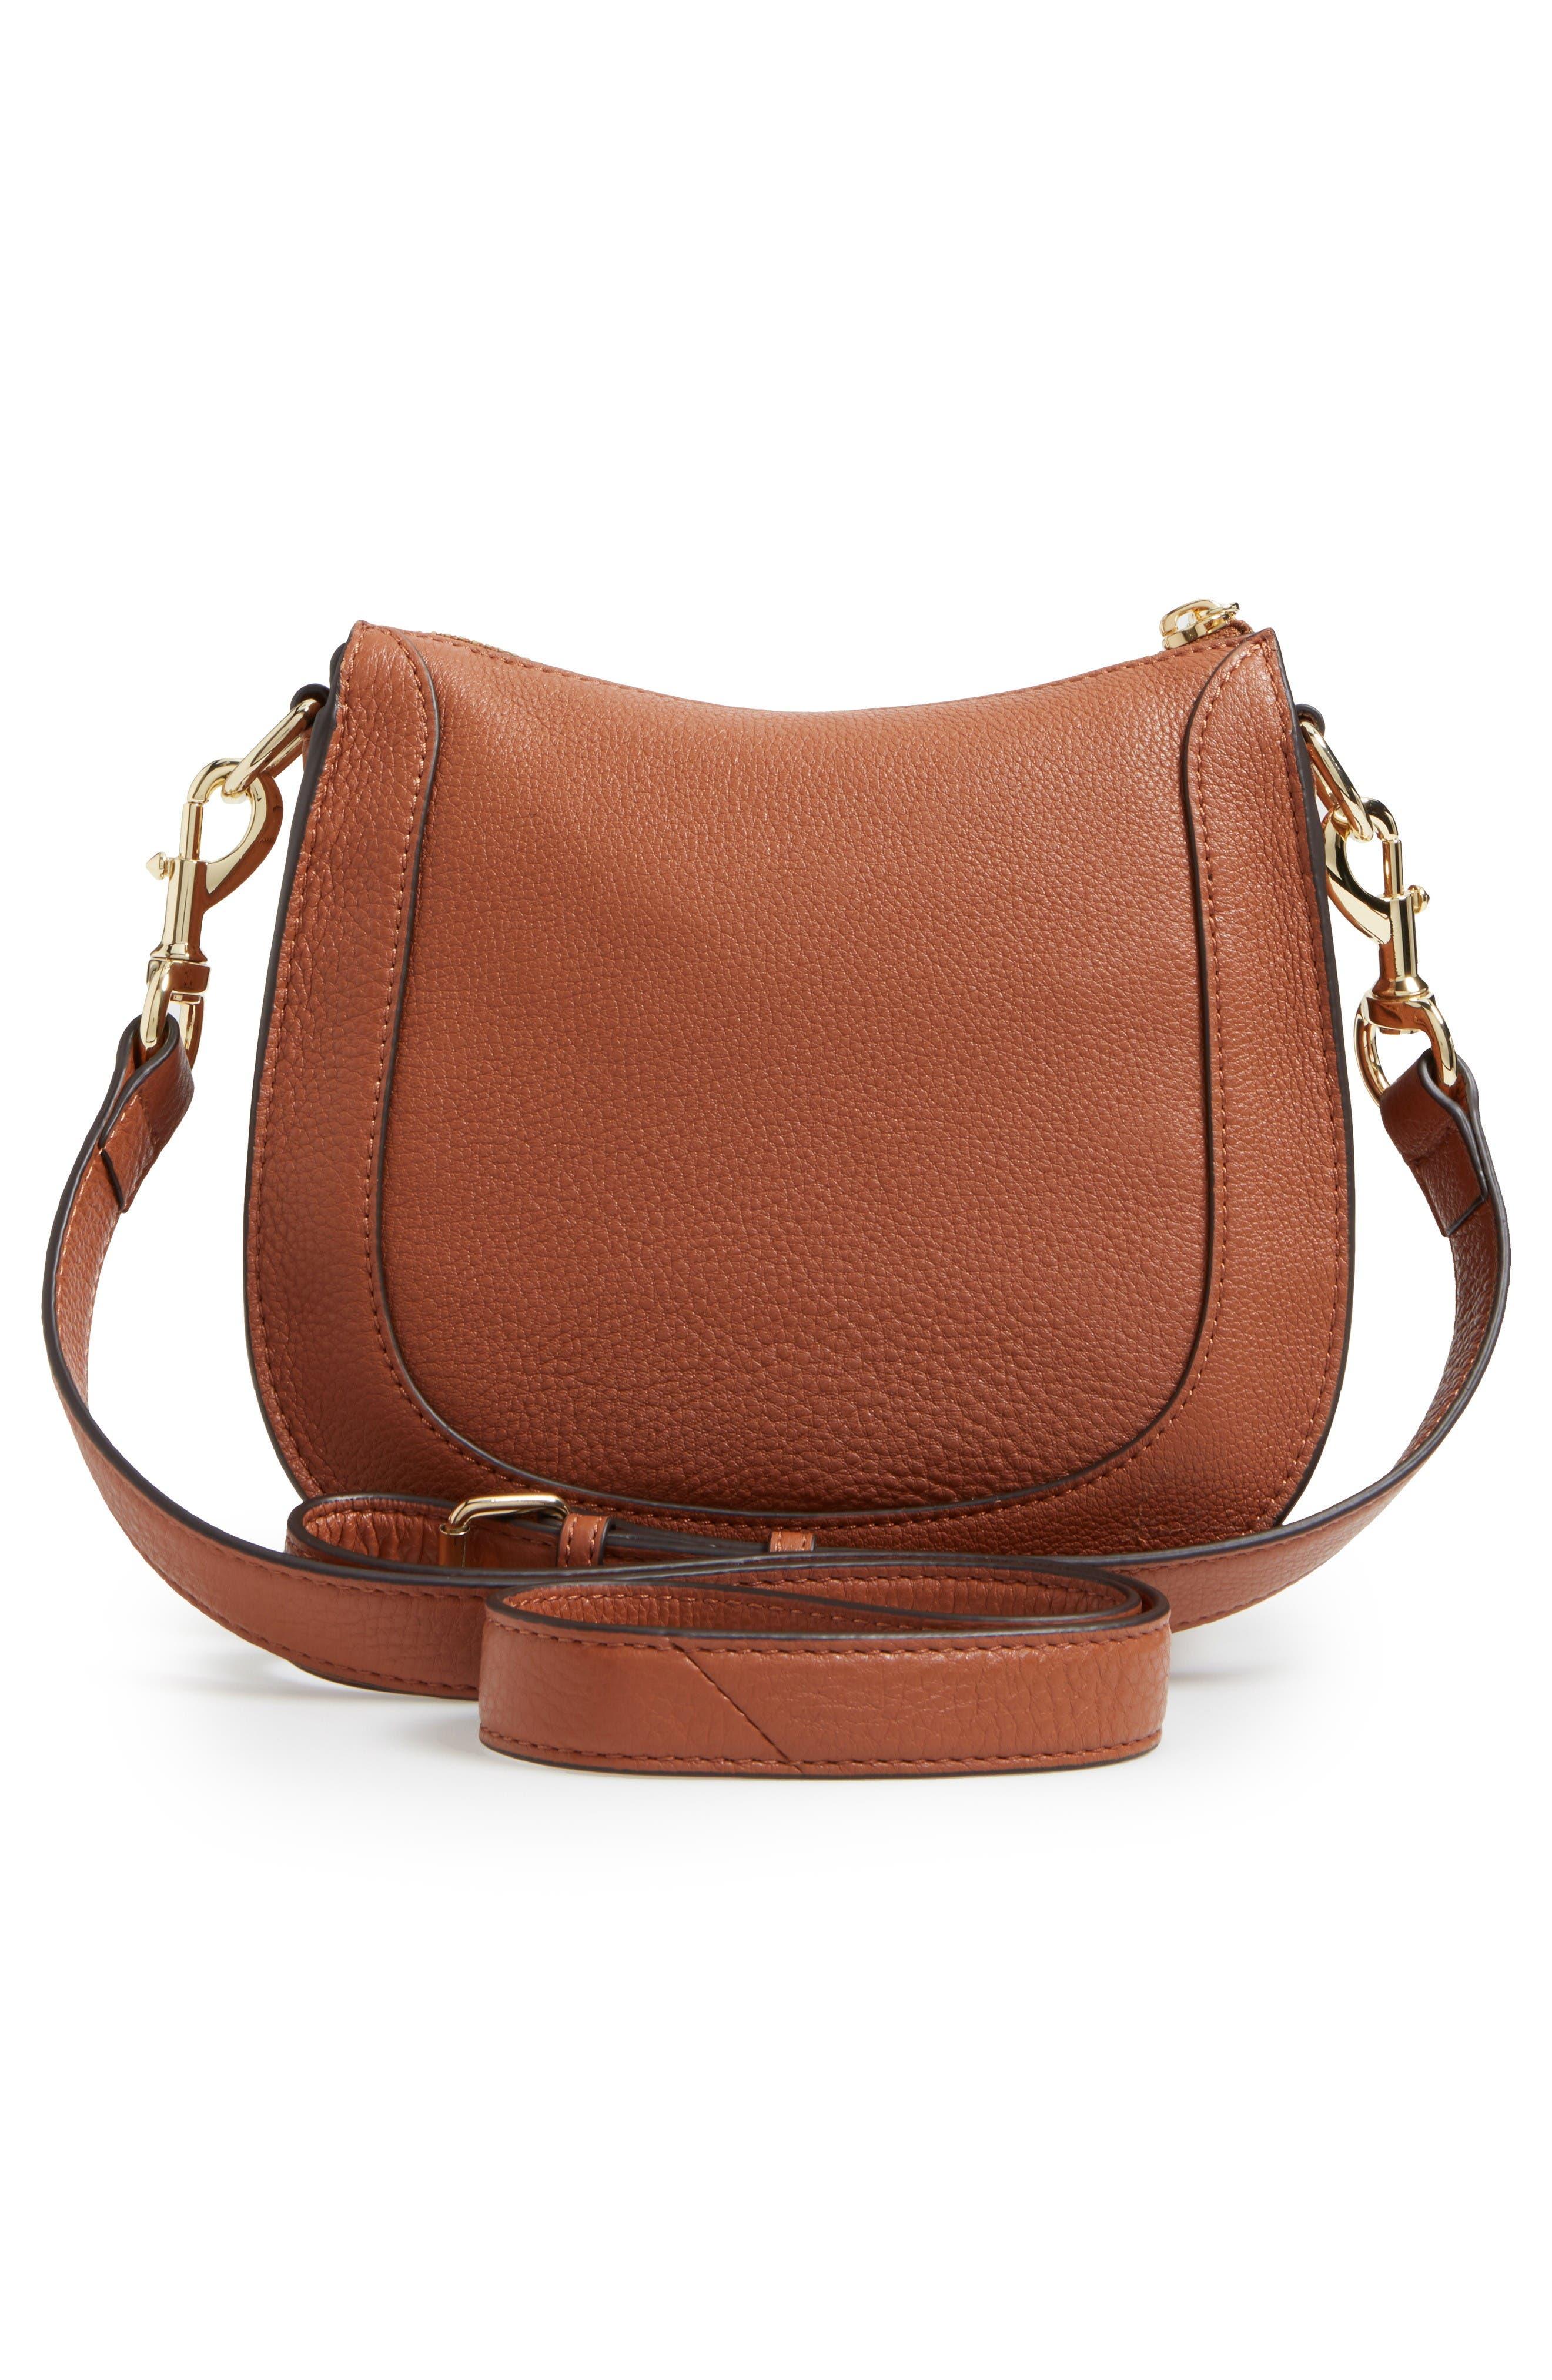 Alternate Image 3  - Rebecca Minkoff Dog Clip Leather & Suede Saddle Bag (Nordstrom Exclusive)